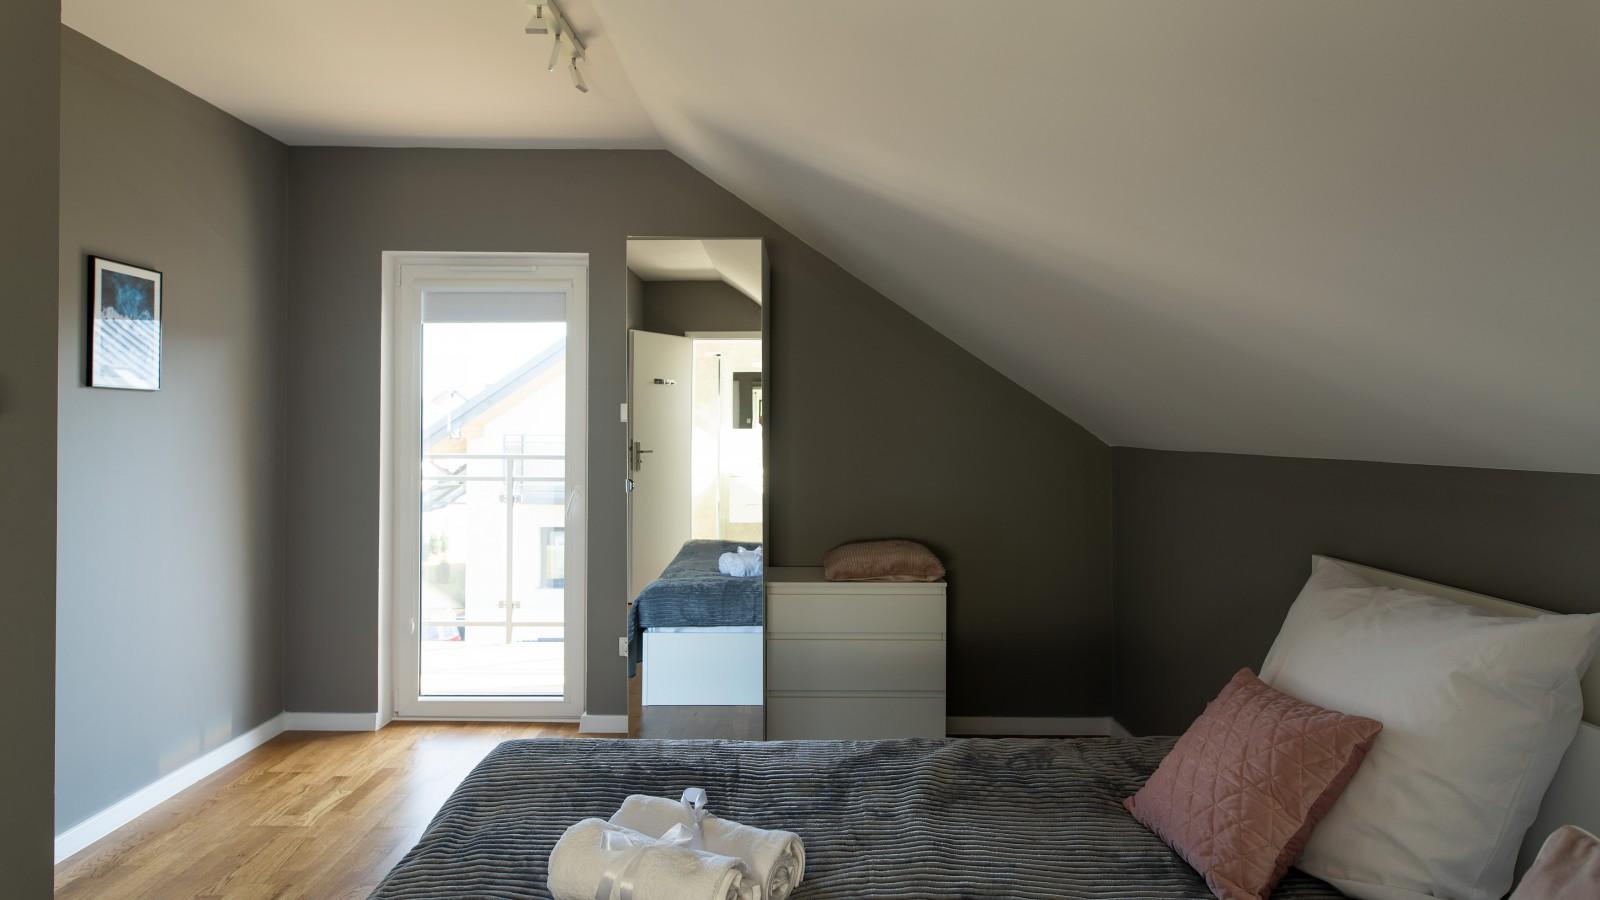 Domek apartamentowy Strand